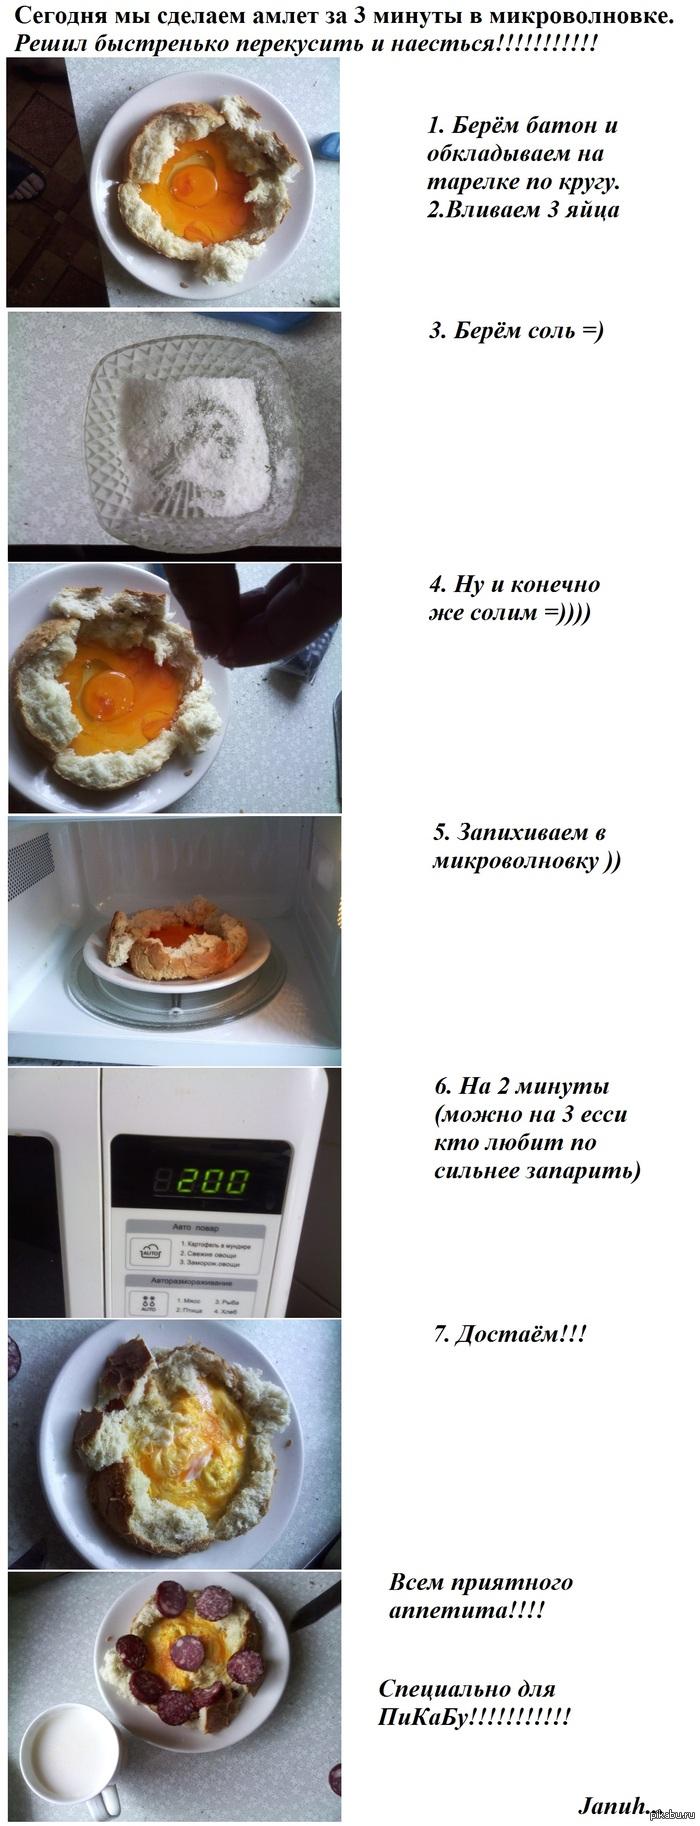 ожидания рецепты быстро приготовить в микроволновке занятий английскому языку